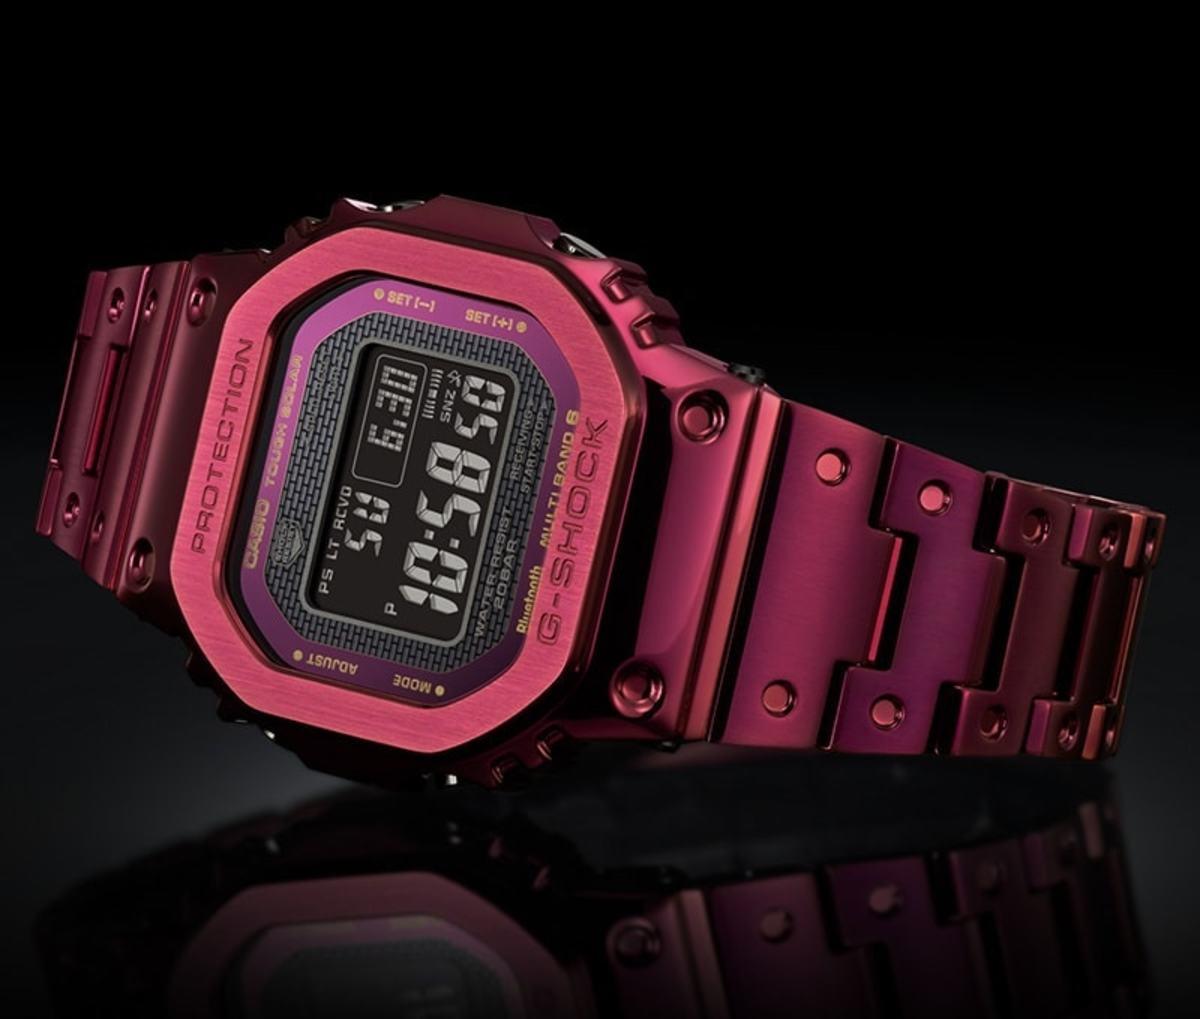 G-Shock GMW-B5000RD-4JF